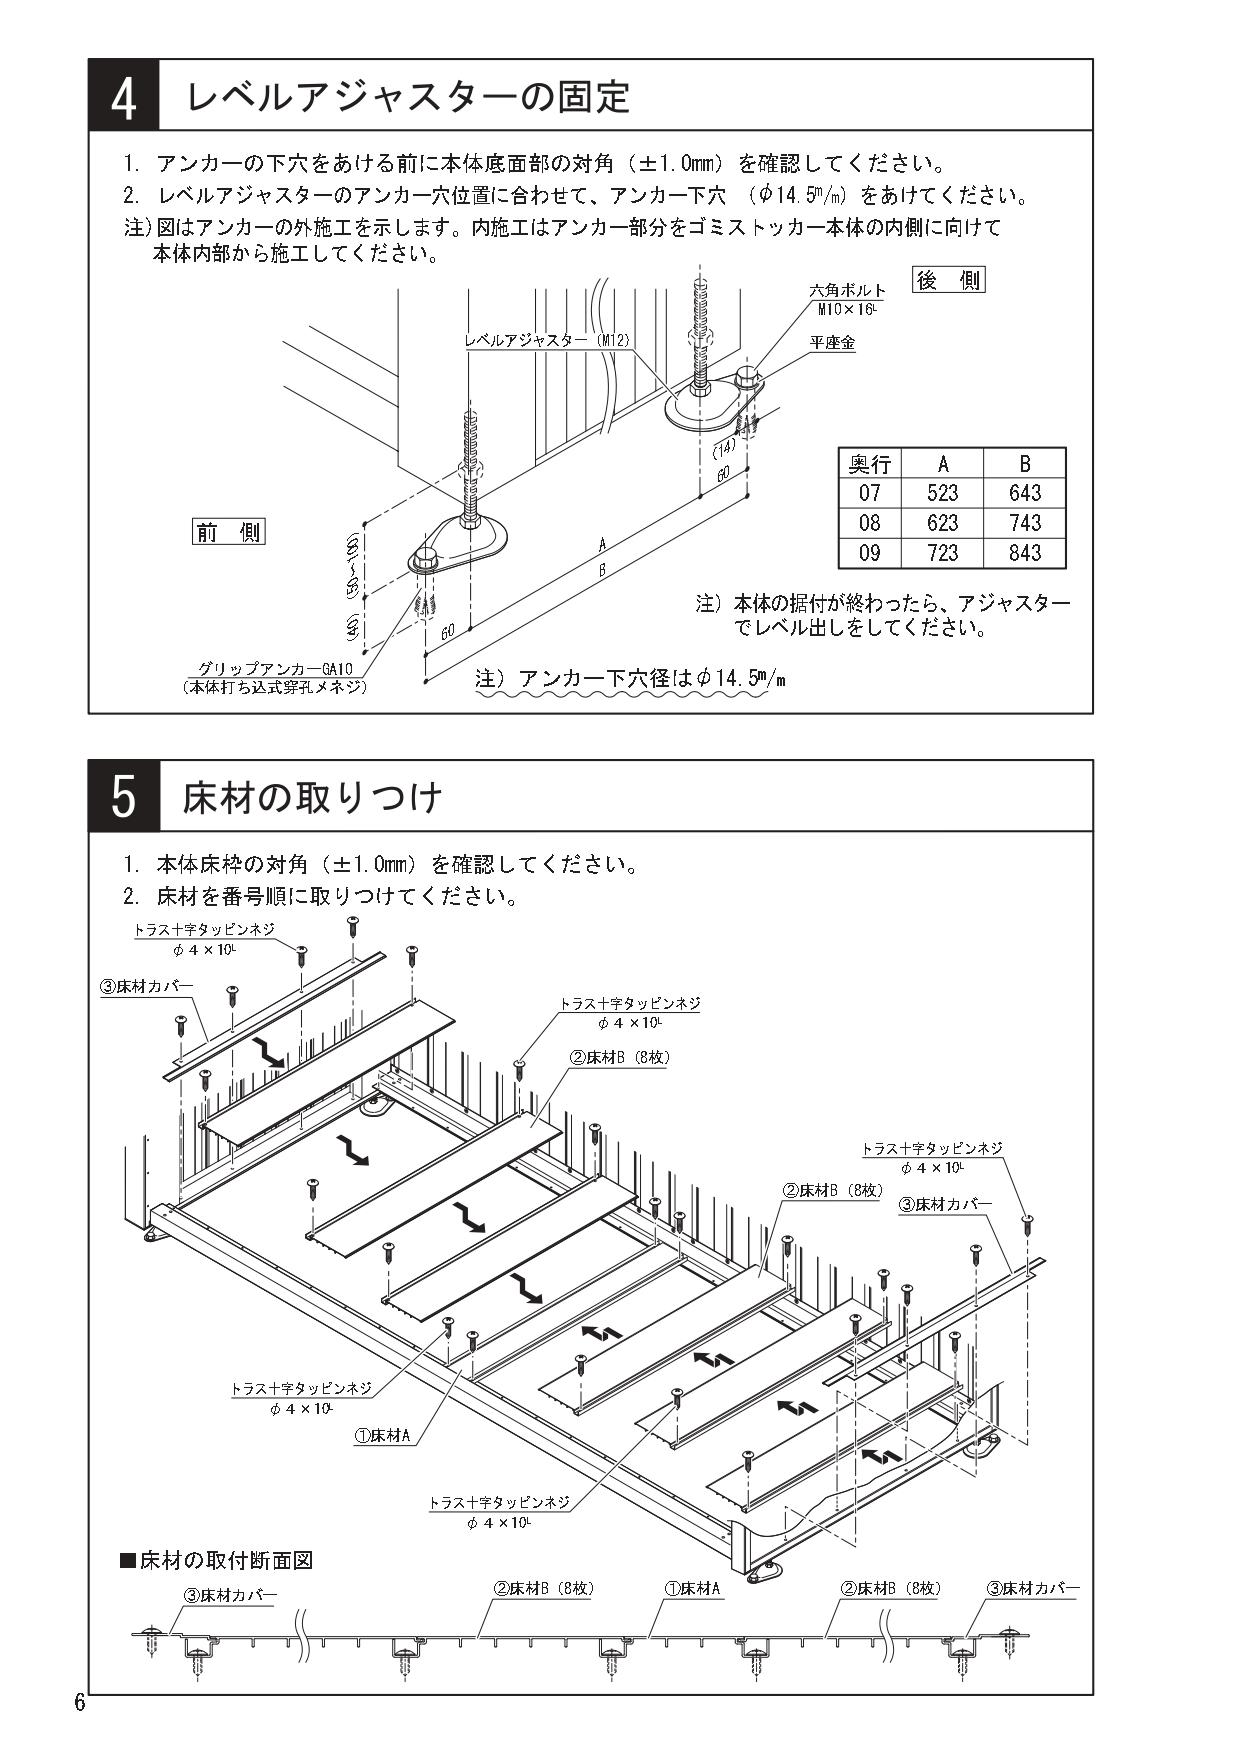 ゴミストッカーWP1型 施工説明書_page-0006